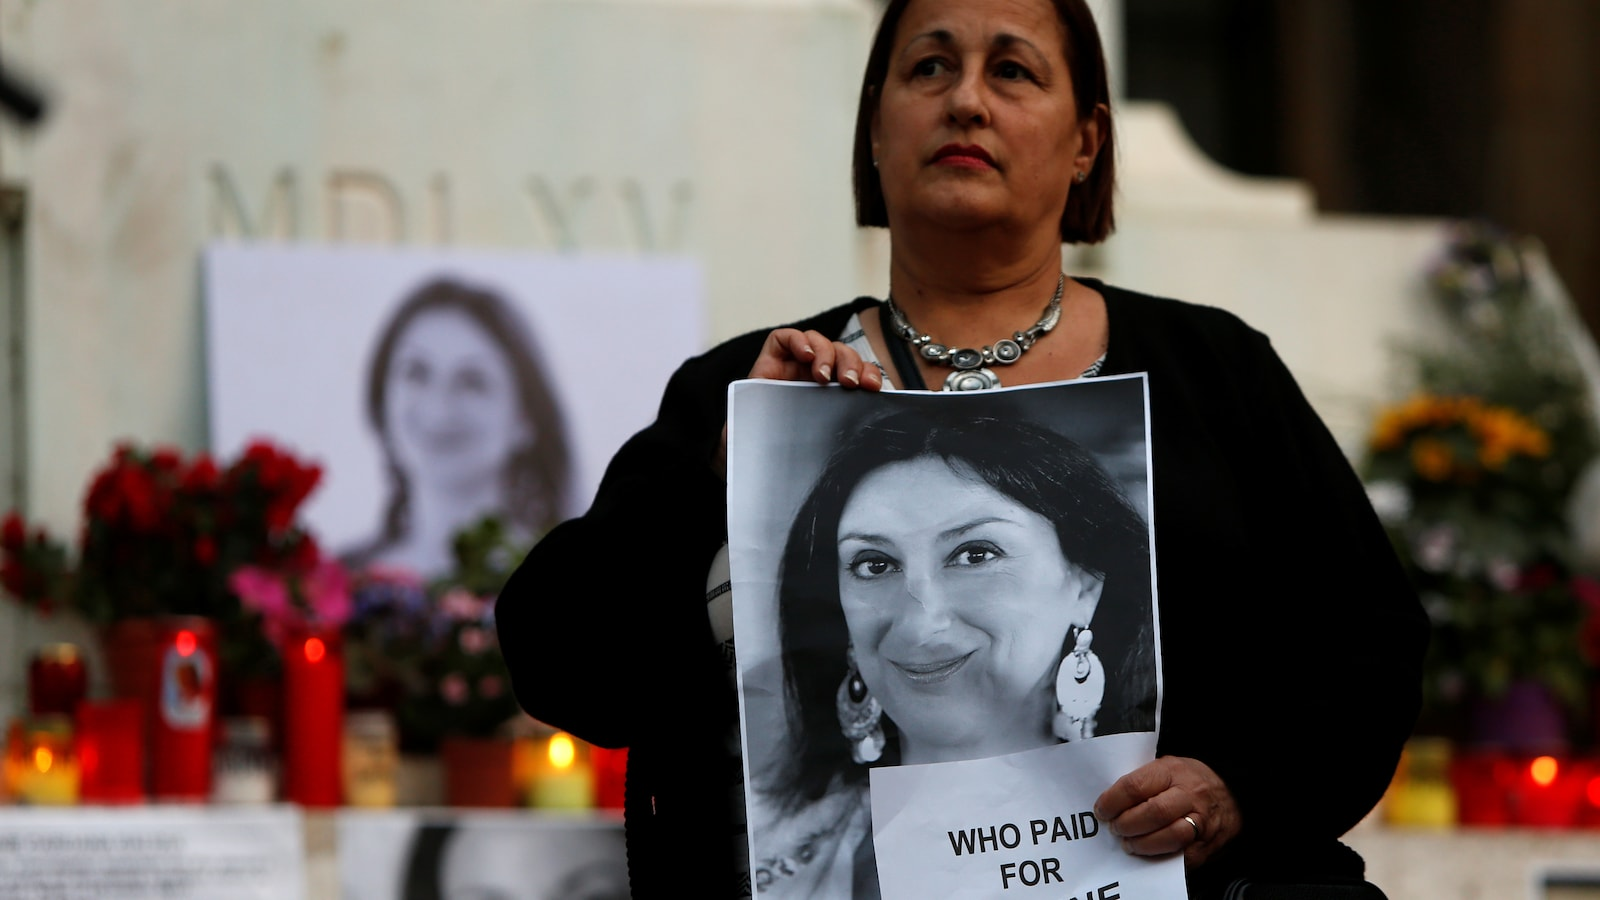 Une veillée aux chandelles s'est tenue à La Vallette, à Malte, 6 mois après l'assassinat de la journaliste Daphne Caruana Galizia.